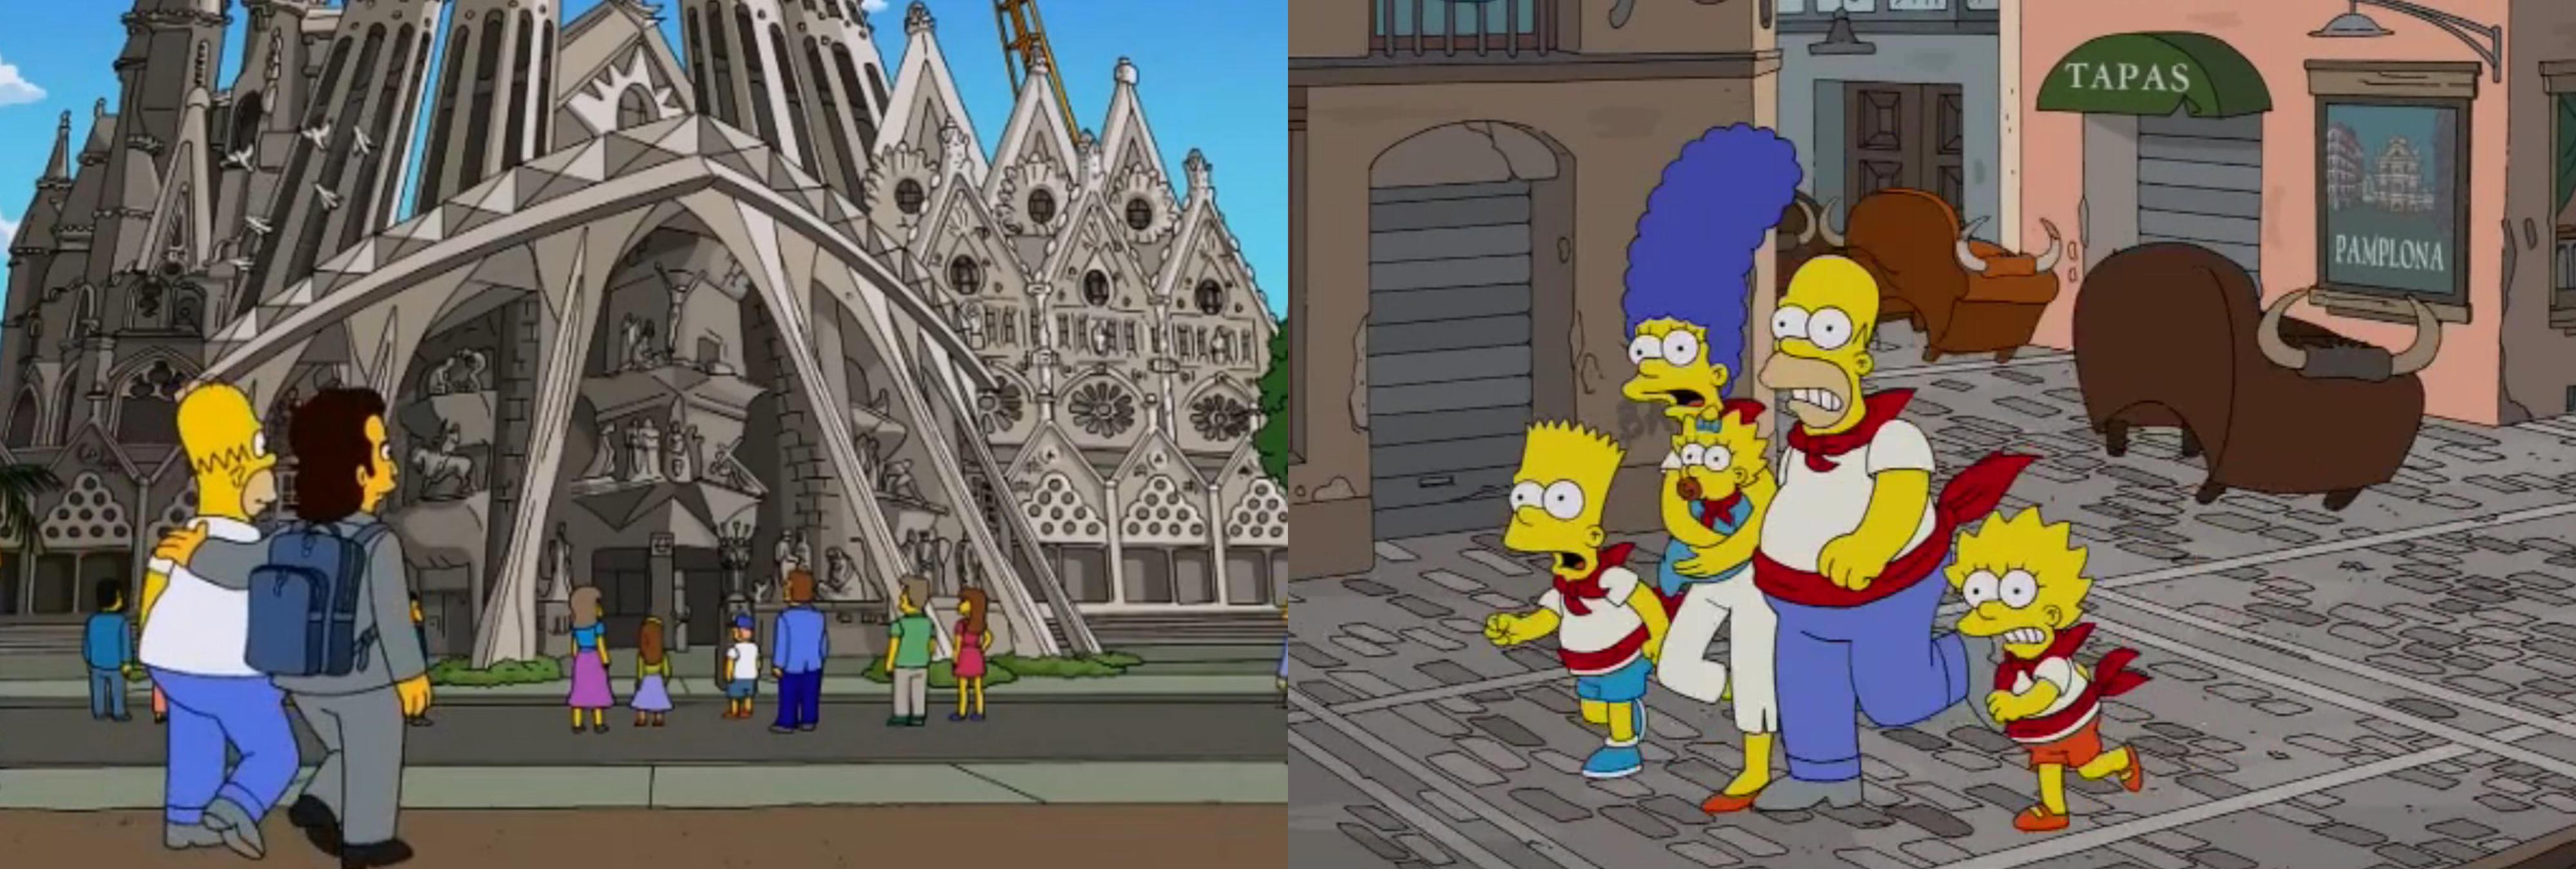 Las 12 voces más míticas de 'Los Simpson' en español